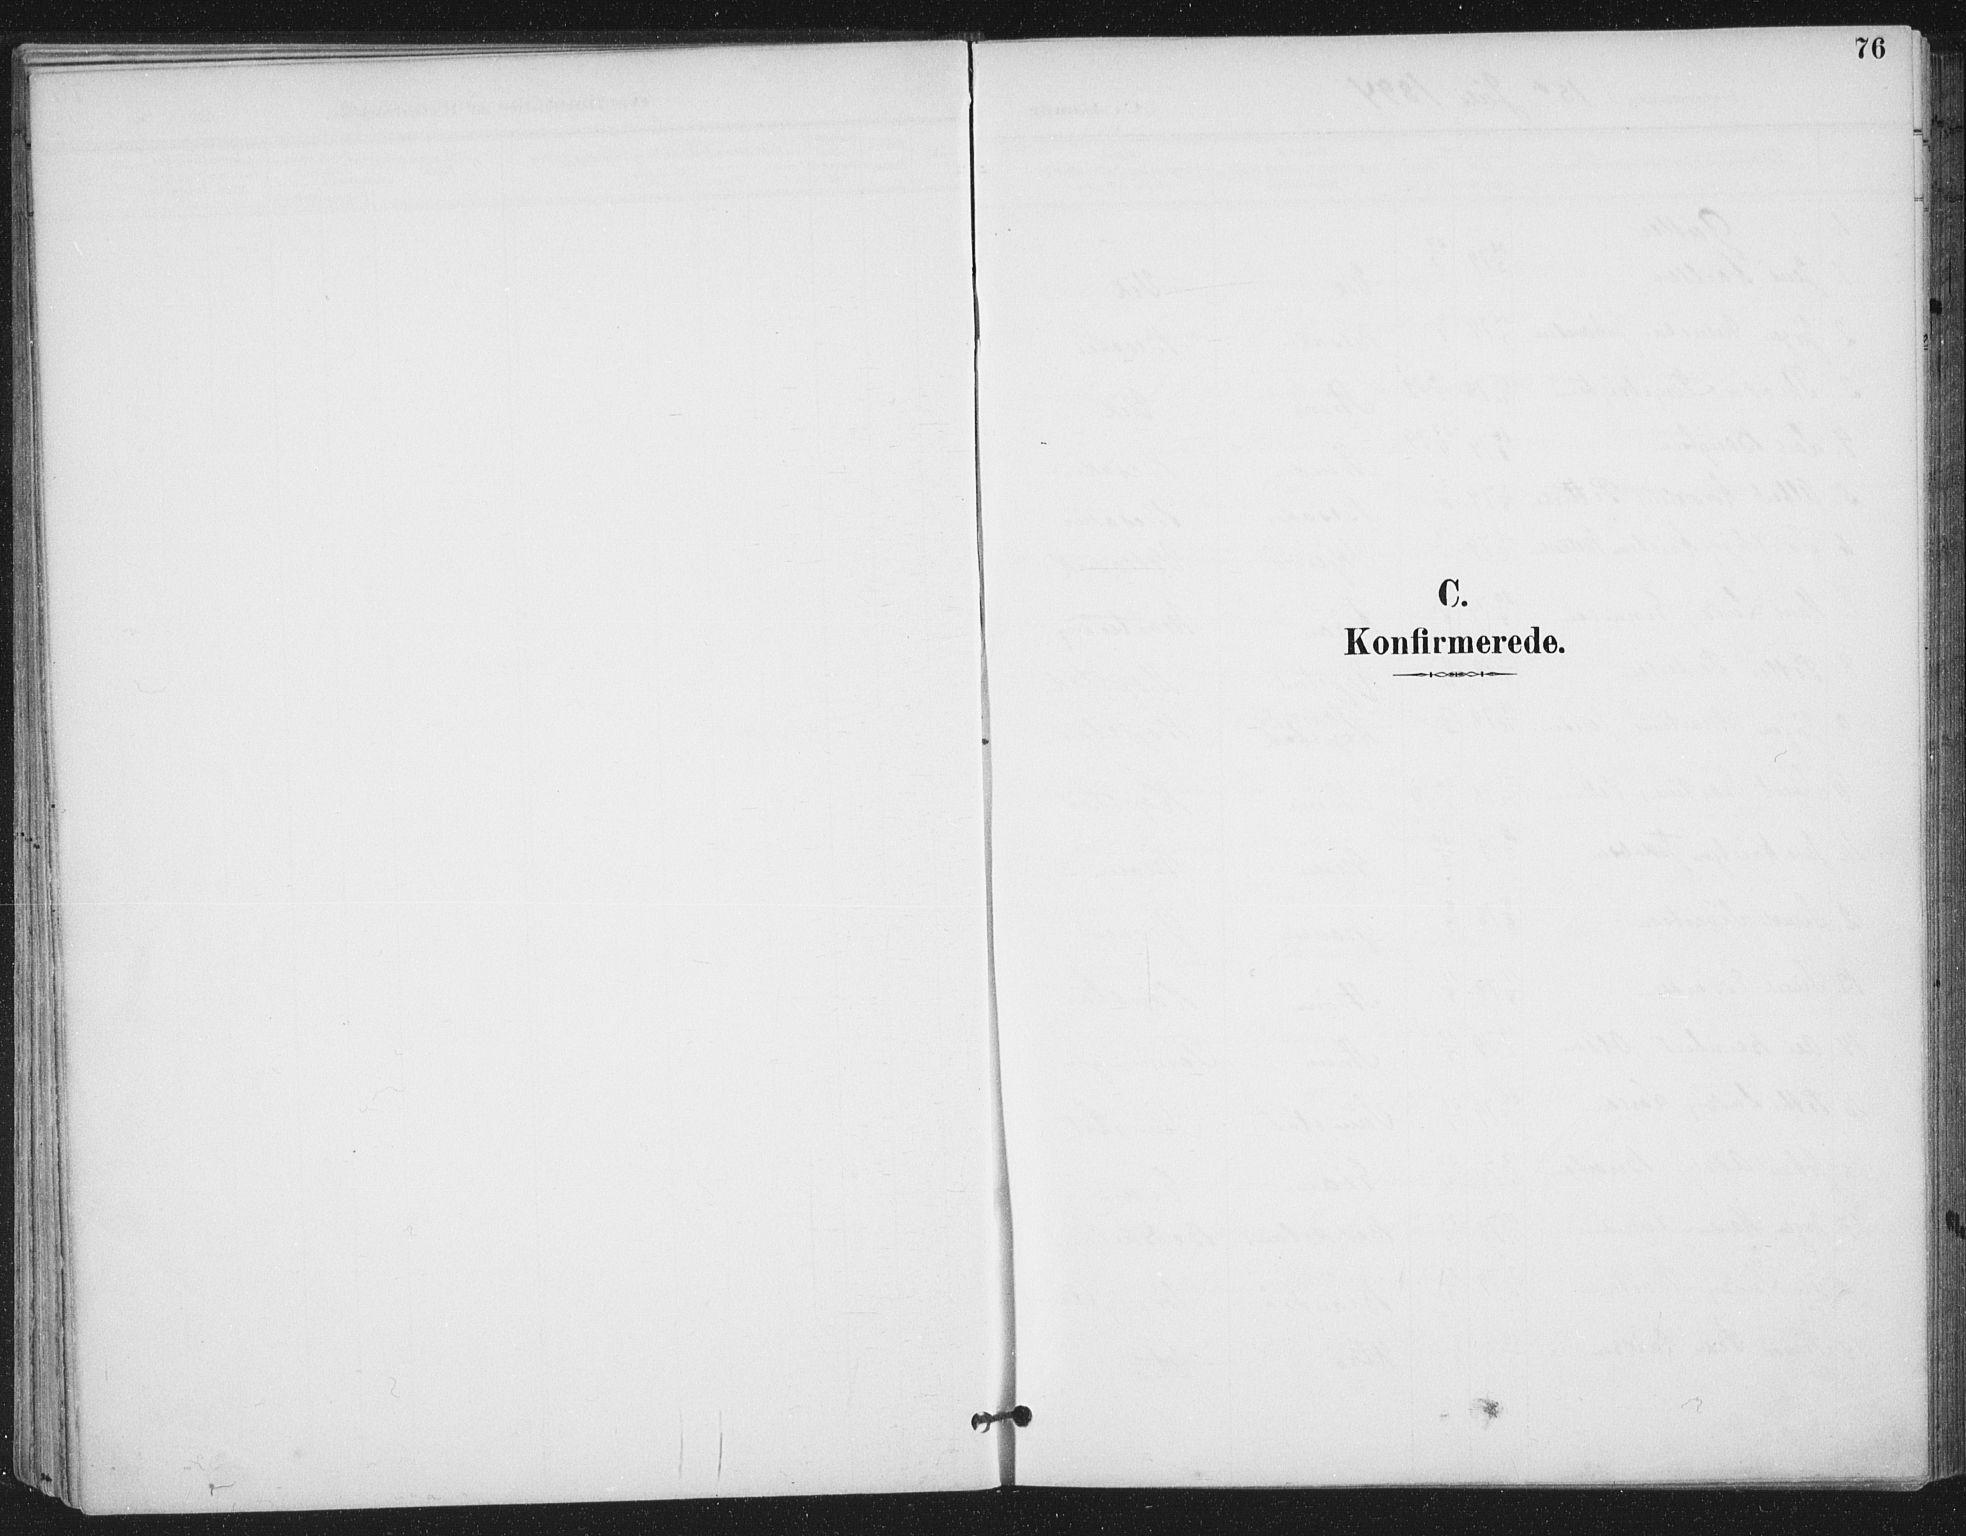 SAT, Ministerialprotokoller, klokkerbøker og fødselsregistre - Sør-Trøndelag, 657/L0708: Ministerialbok nr. 657A09, 1894-1904, s. 76